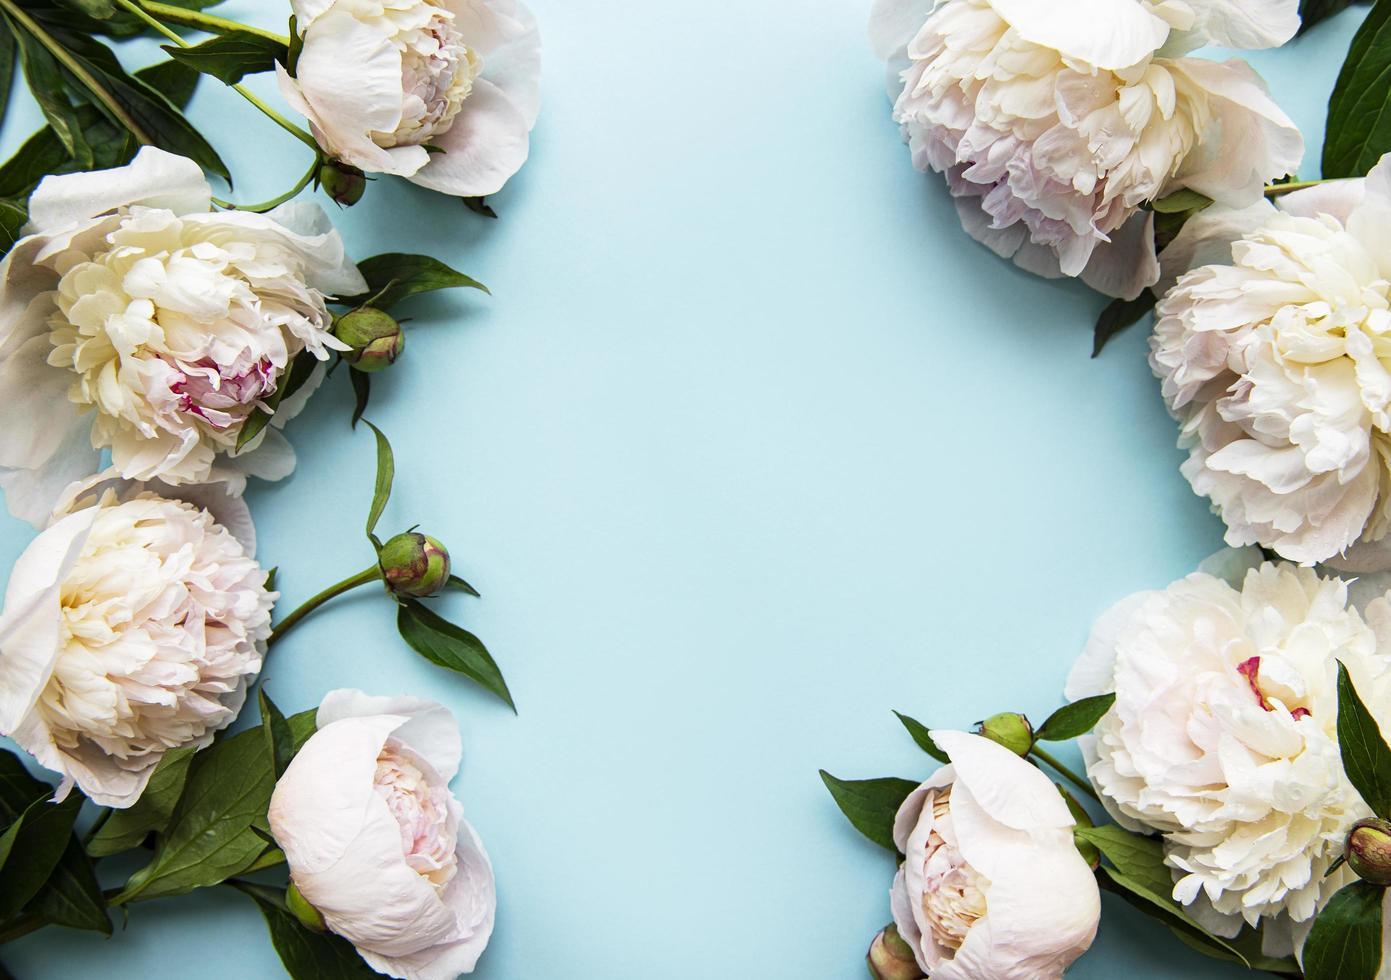 flores de peônia em um fundo azul pastel foto